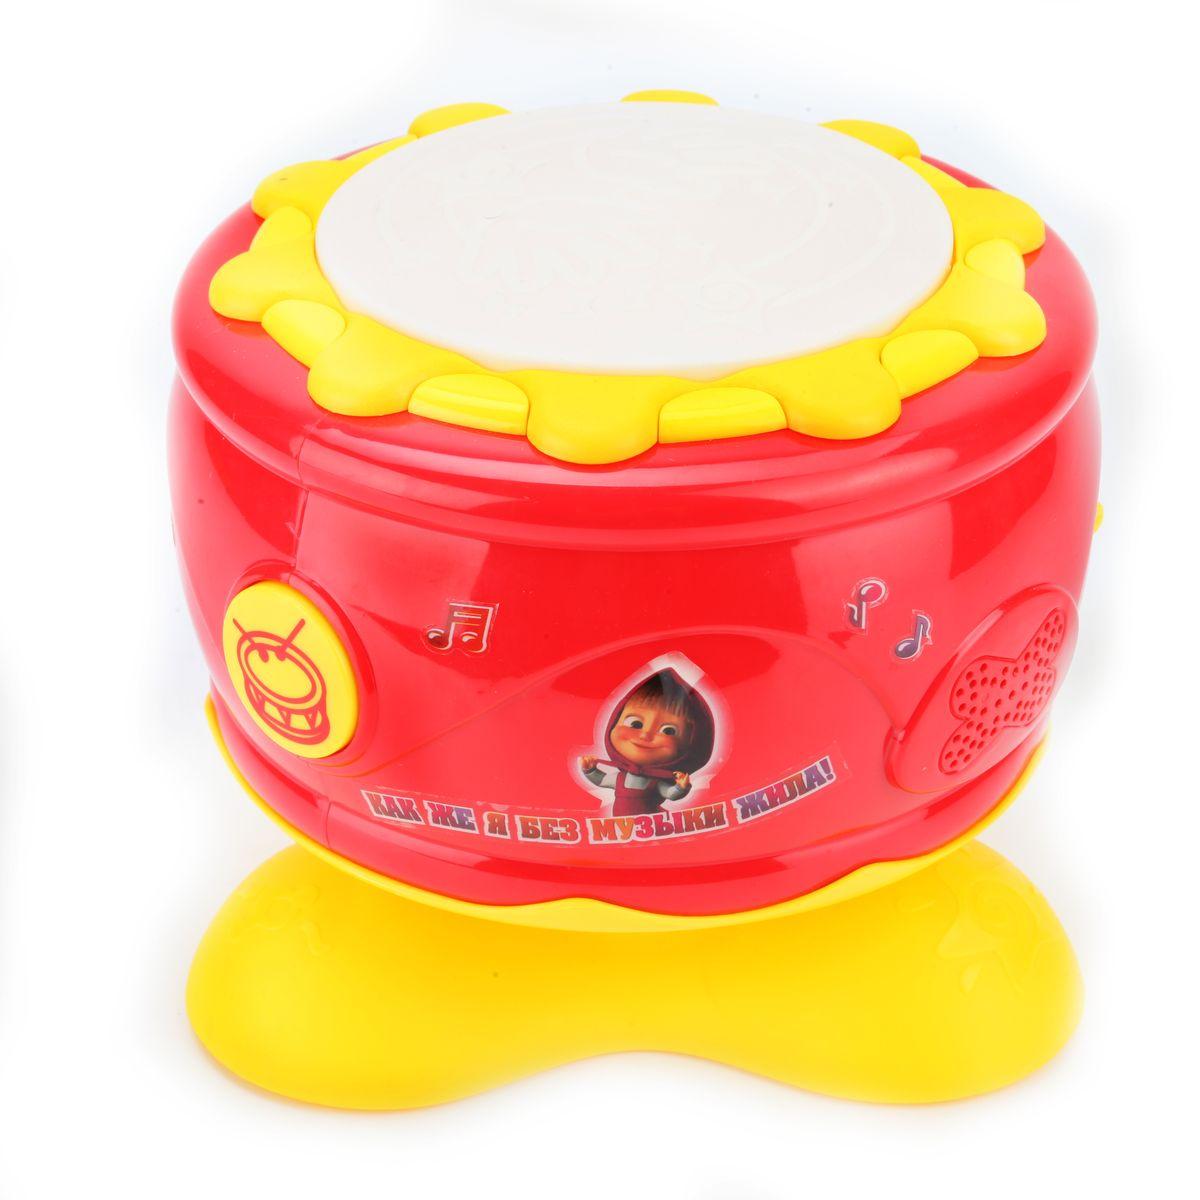 Играем вместе Музыкальный барабан Маша и Медведь со светом и звуком, 3 песни1006-R2Знакомство с яркими и красочными музыкальными инструментами разовьет у ребенка творческие способности и тонкий слух. Инструменты познакомят с музыкальной культурой и займут его воображение на долгое время.